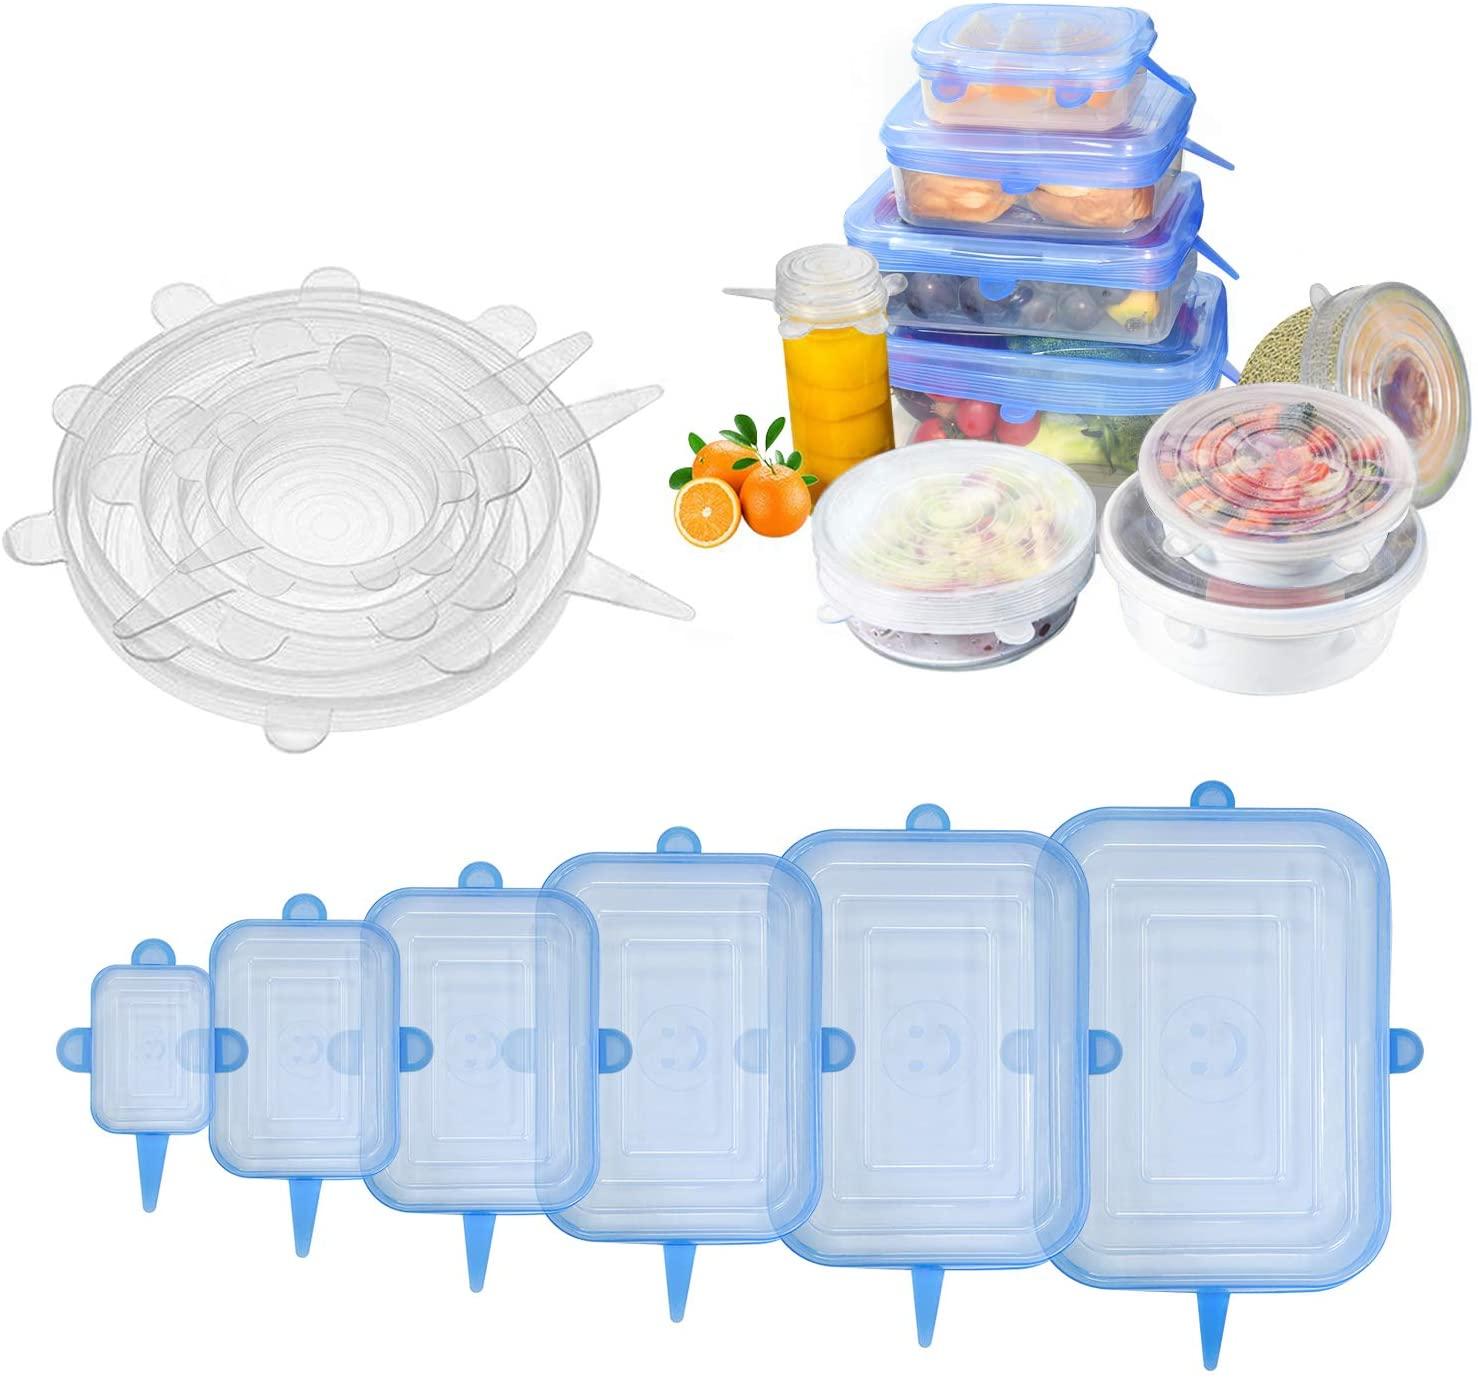 Paquet de 6/12 couvercles extensibles en Silicone couvercles de nourriture durables réutilisables pour bols, tasses, boîtes de conserve, récipient de nourriture, lave-vaisselle et congélateur